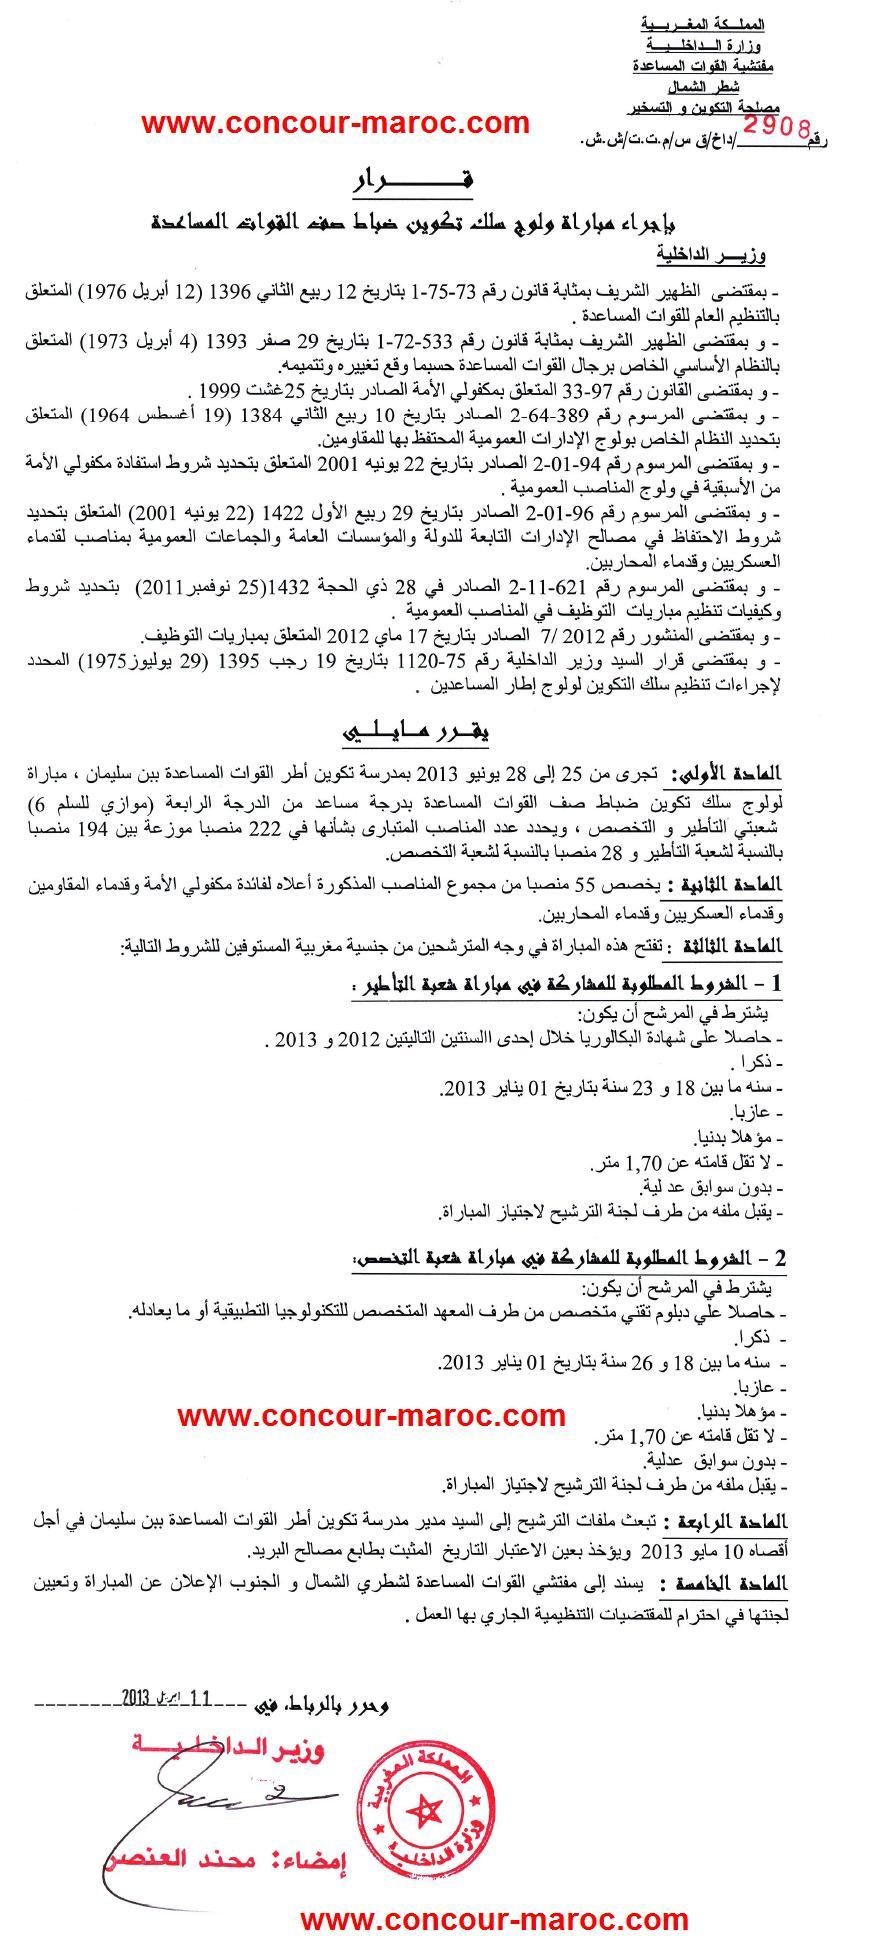 مفتشية القوات المساعدة منطقة الشمال : مباراة لتوظيف مساعد من الدرجة الرابعة ~ سلم 6 (222 منصب) آخر أجل لإيداع الترشيحات 10 ماي 2013  Conco188